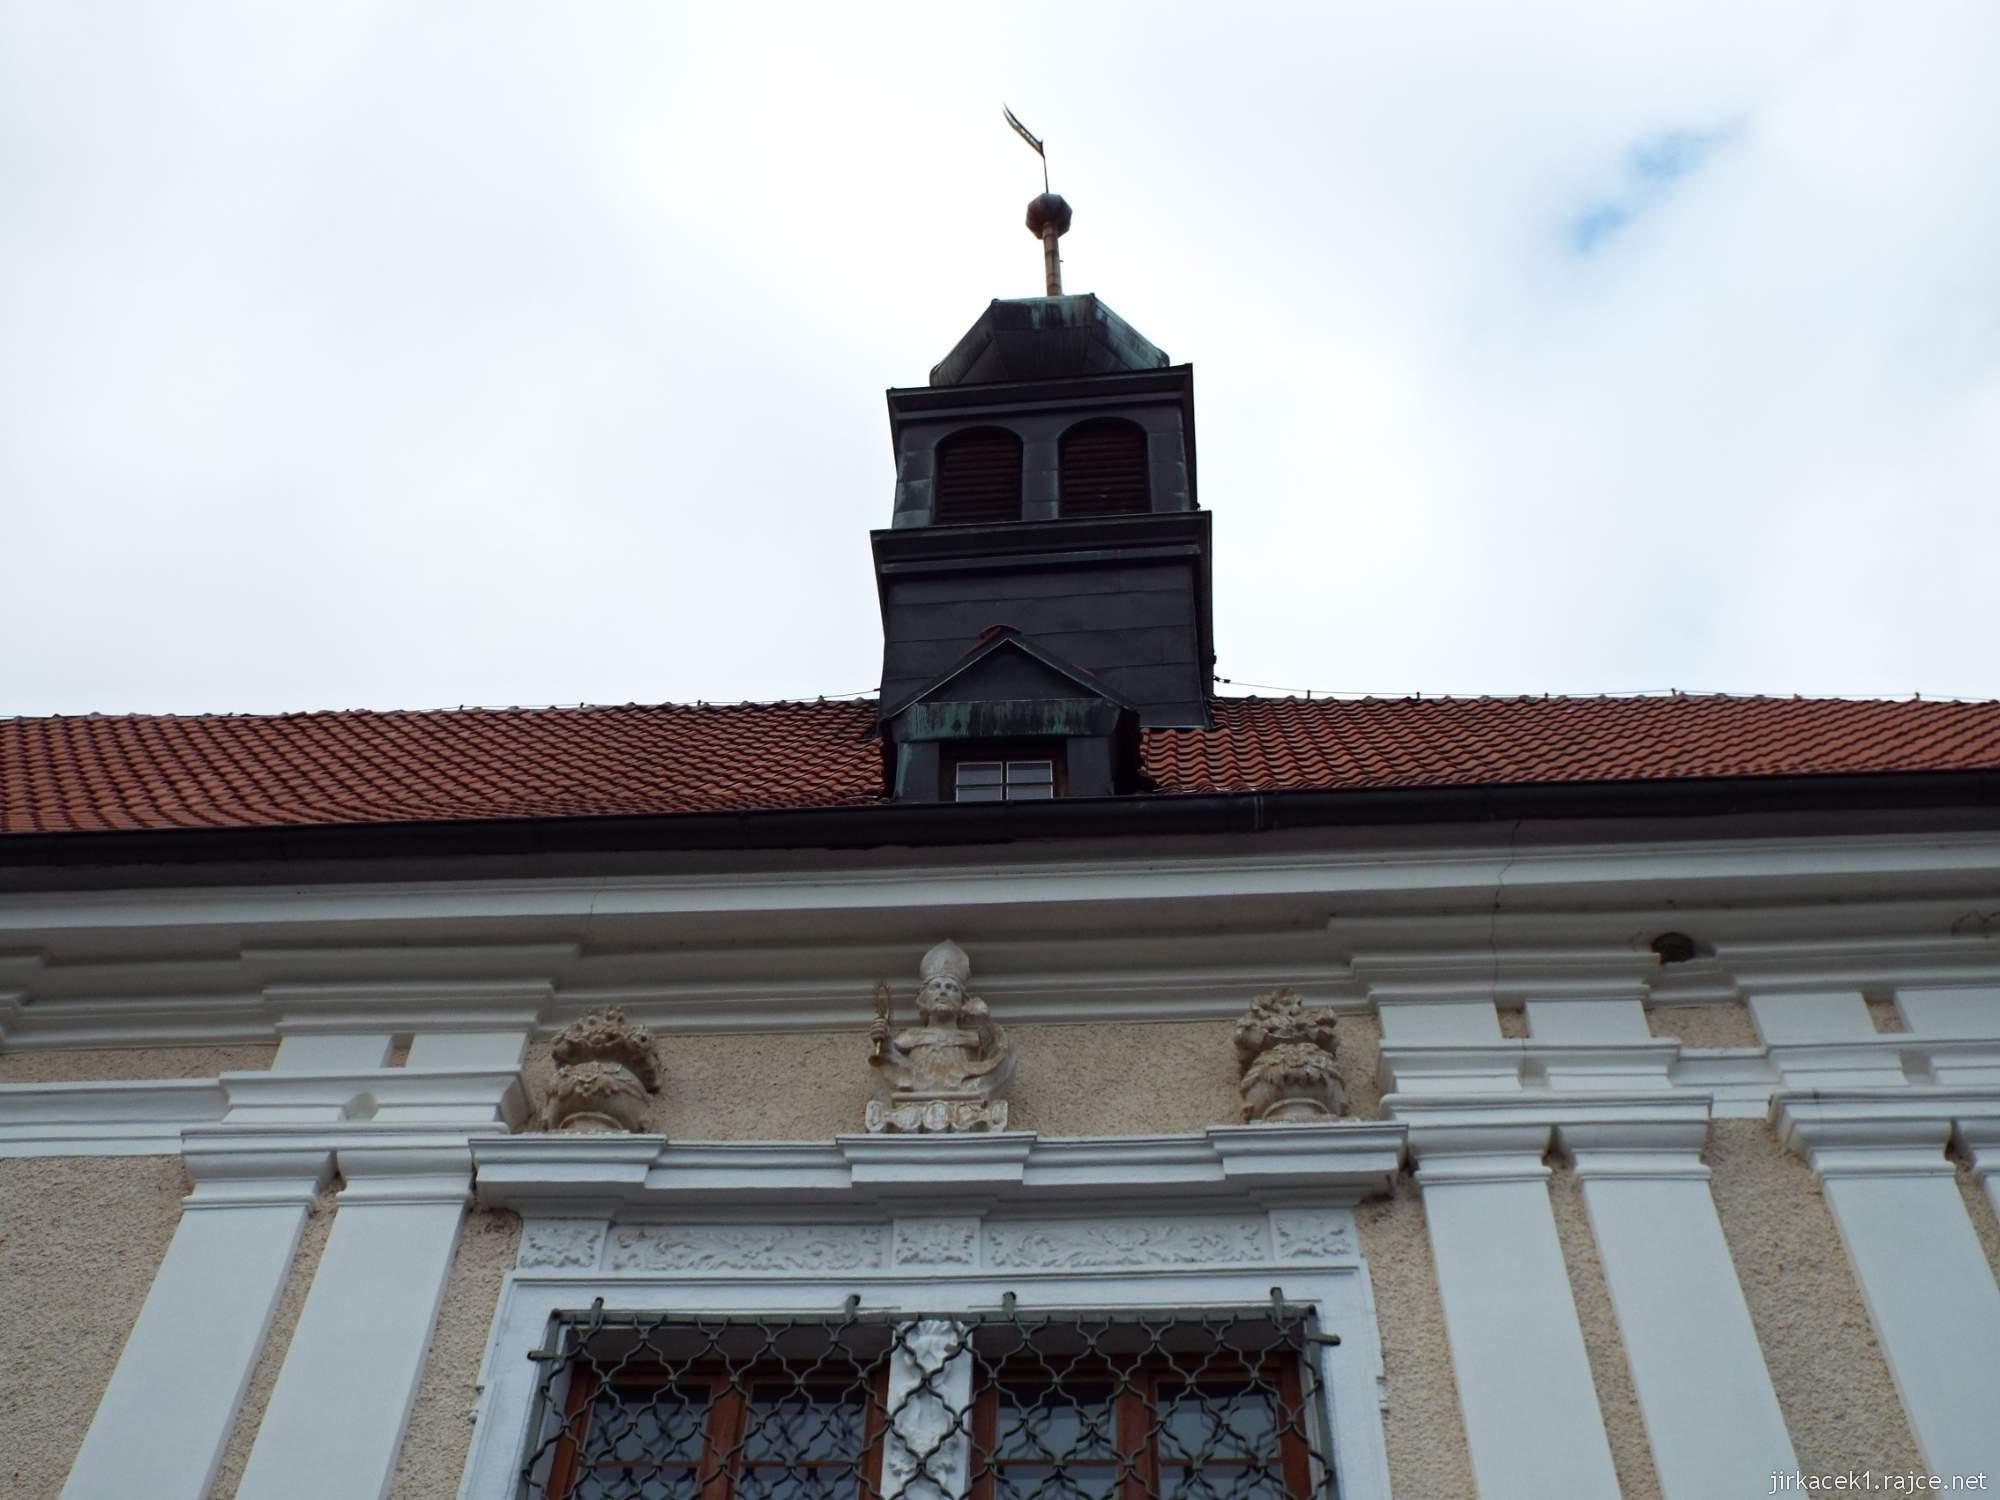 zámek Konice 02 - pískovcová socha opata Norberta Želeckého s monstrancí a palmou nad vchodem